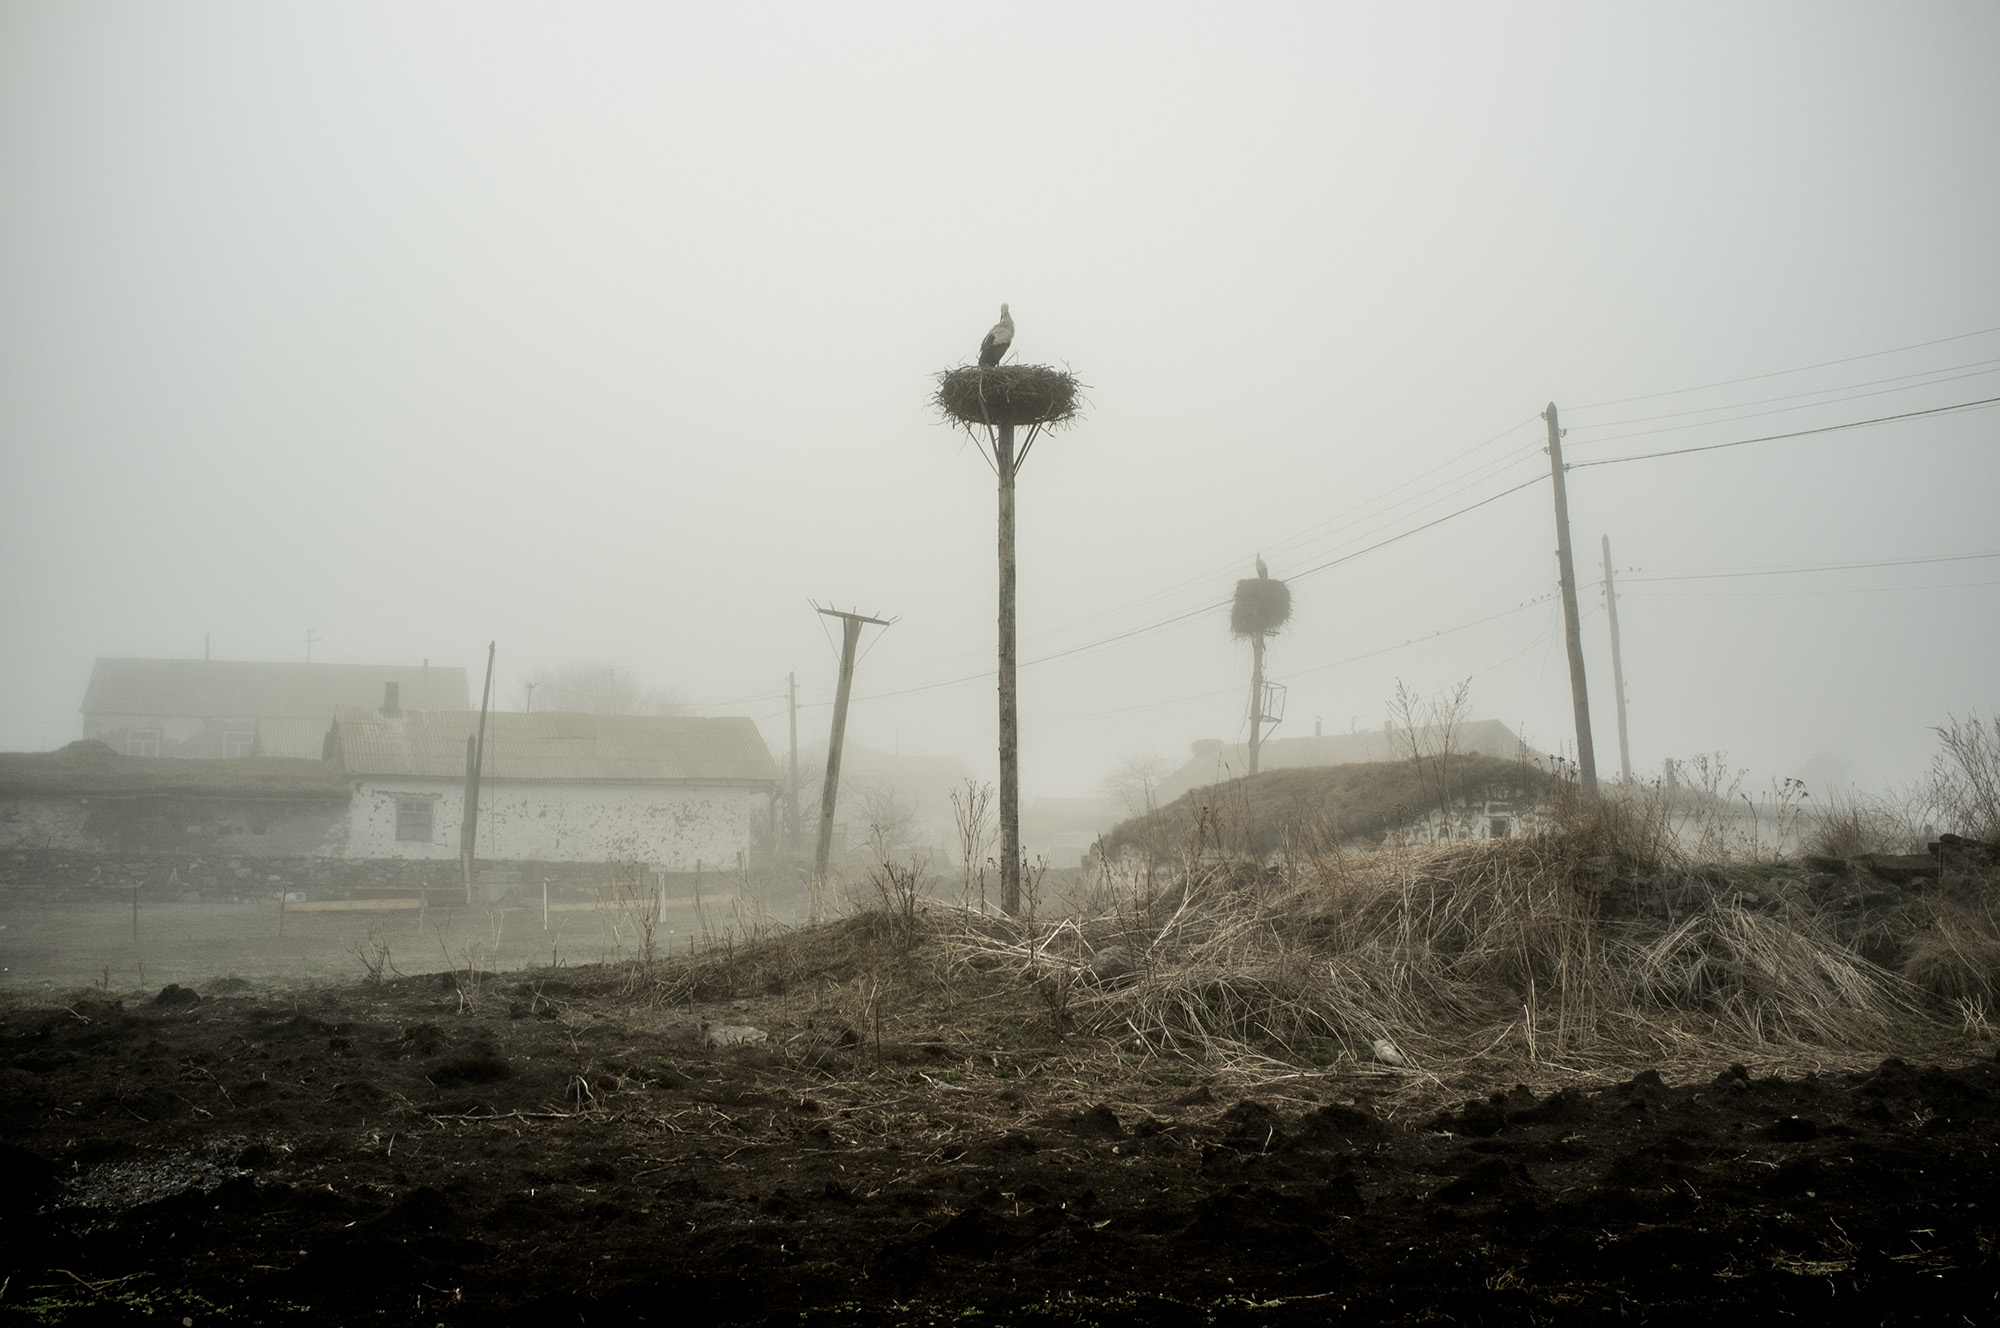 The Doukhobors' Land (1), by Natela Grigalashvili